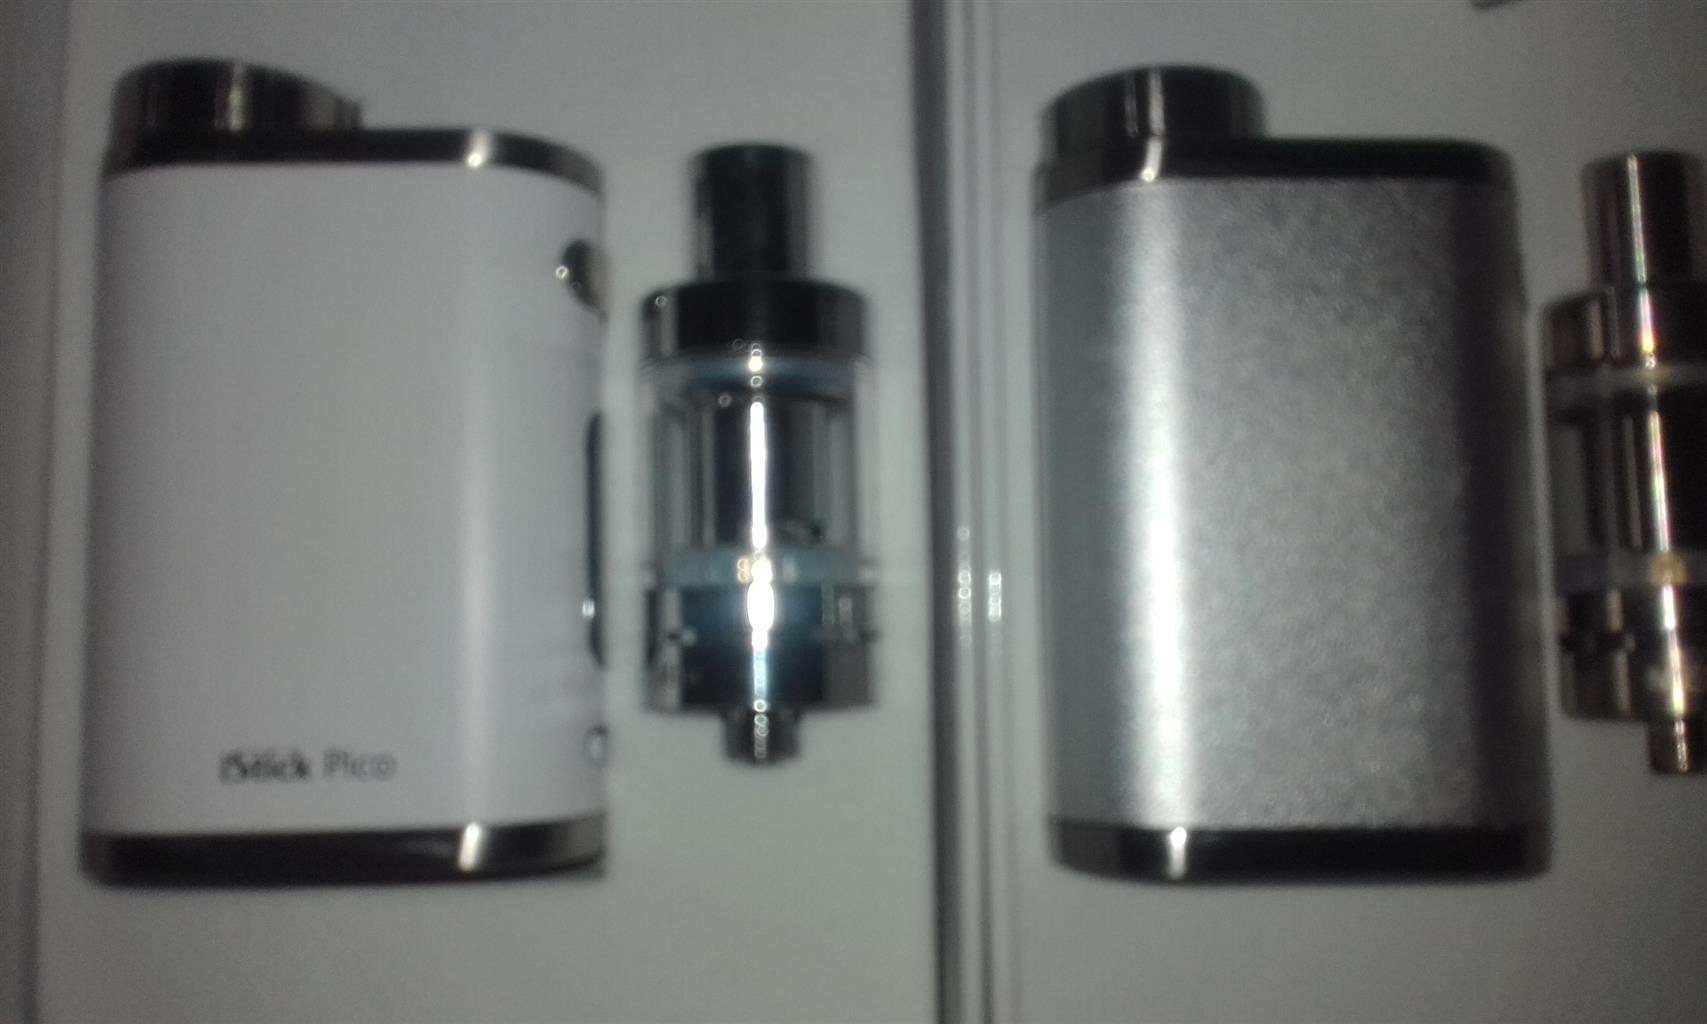 2 Brand new Eleaf Istick Pico Vape